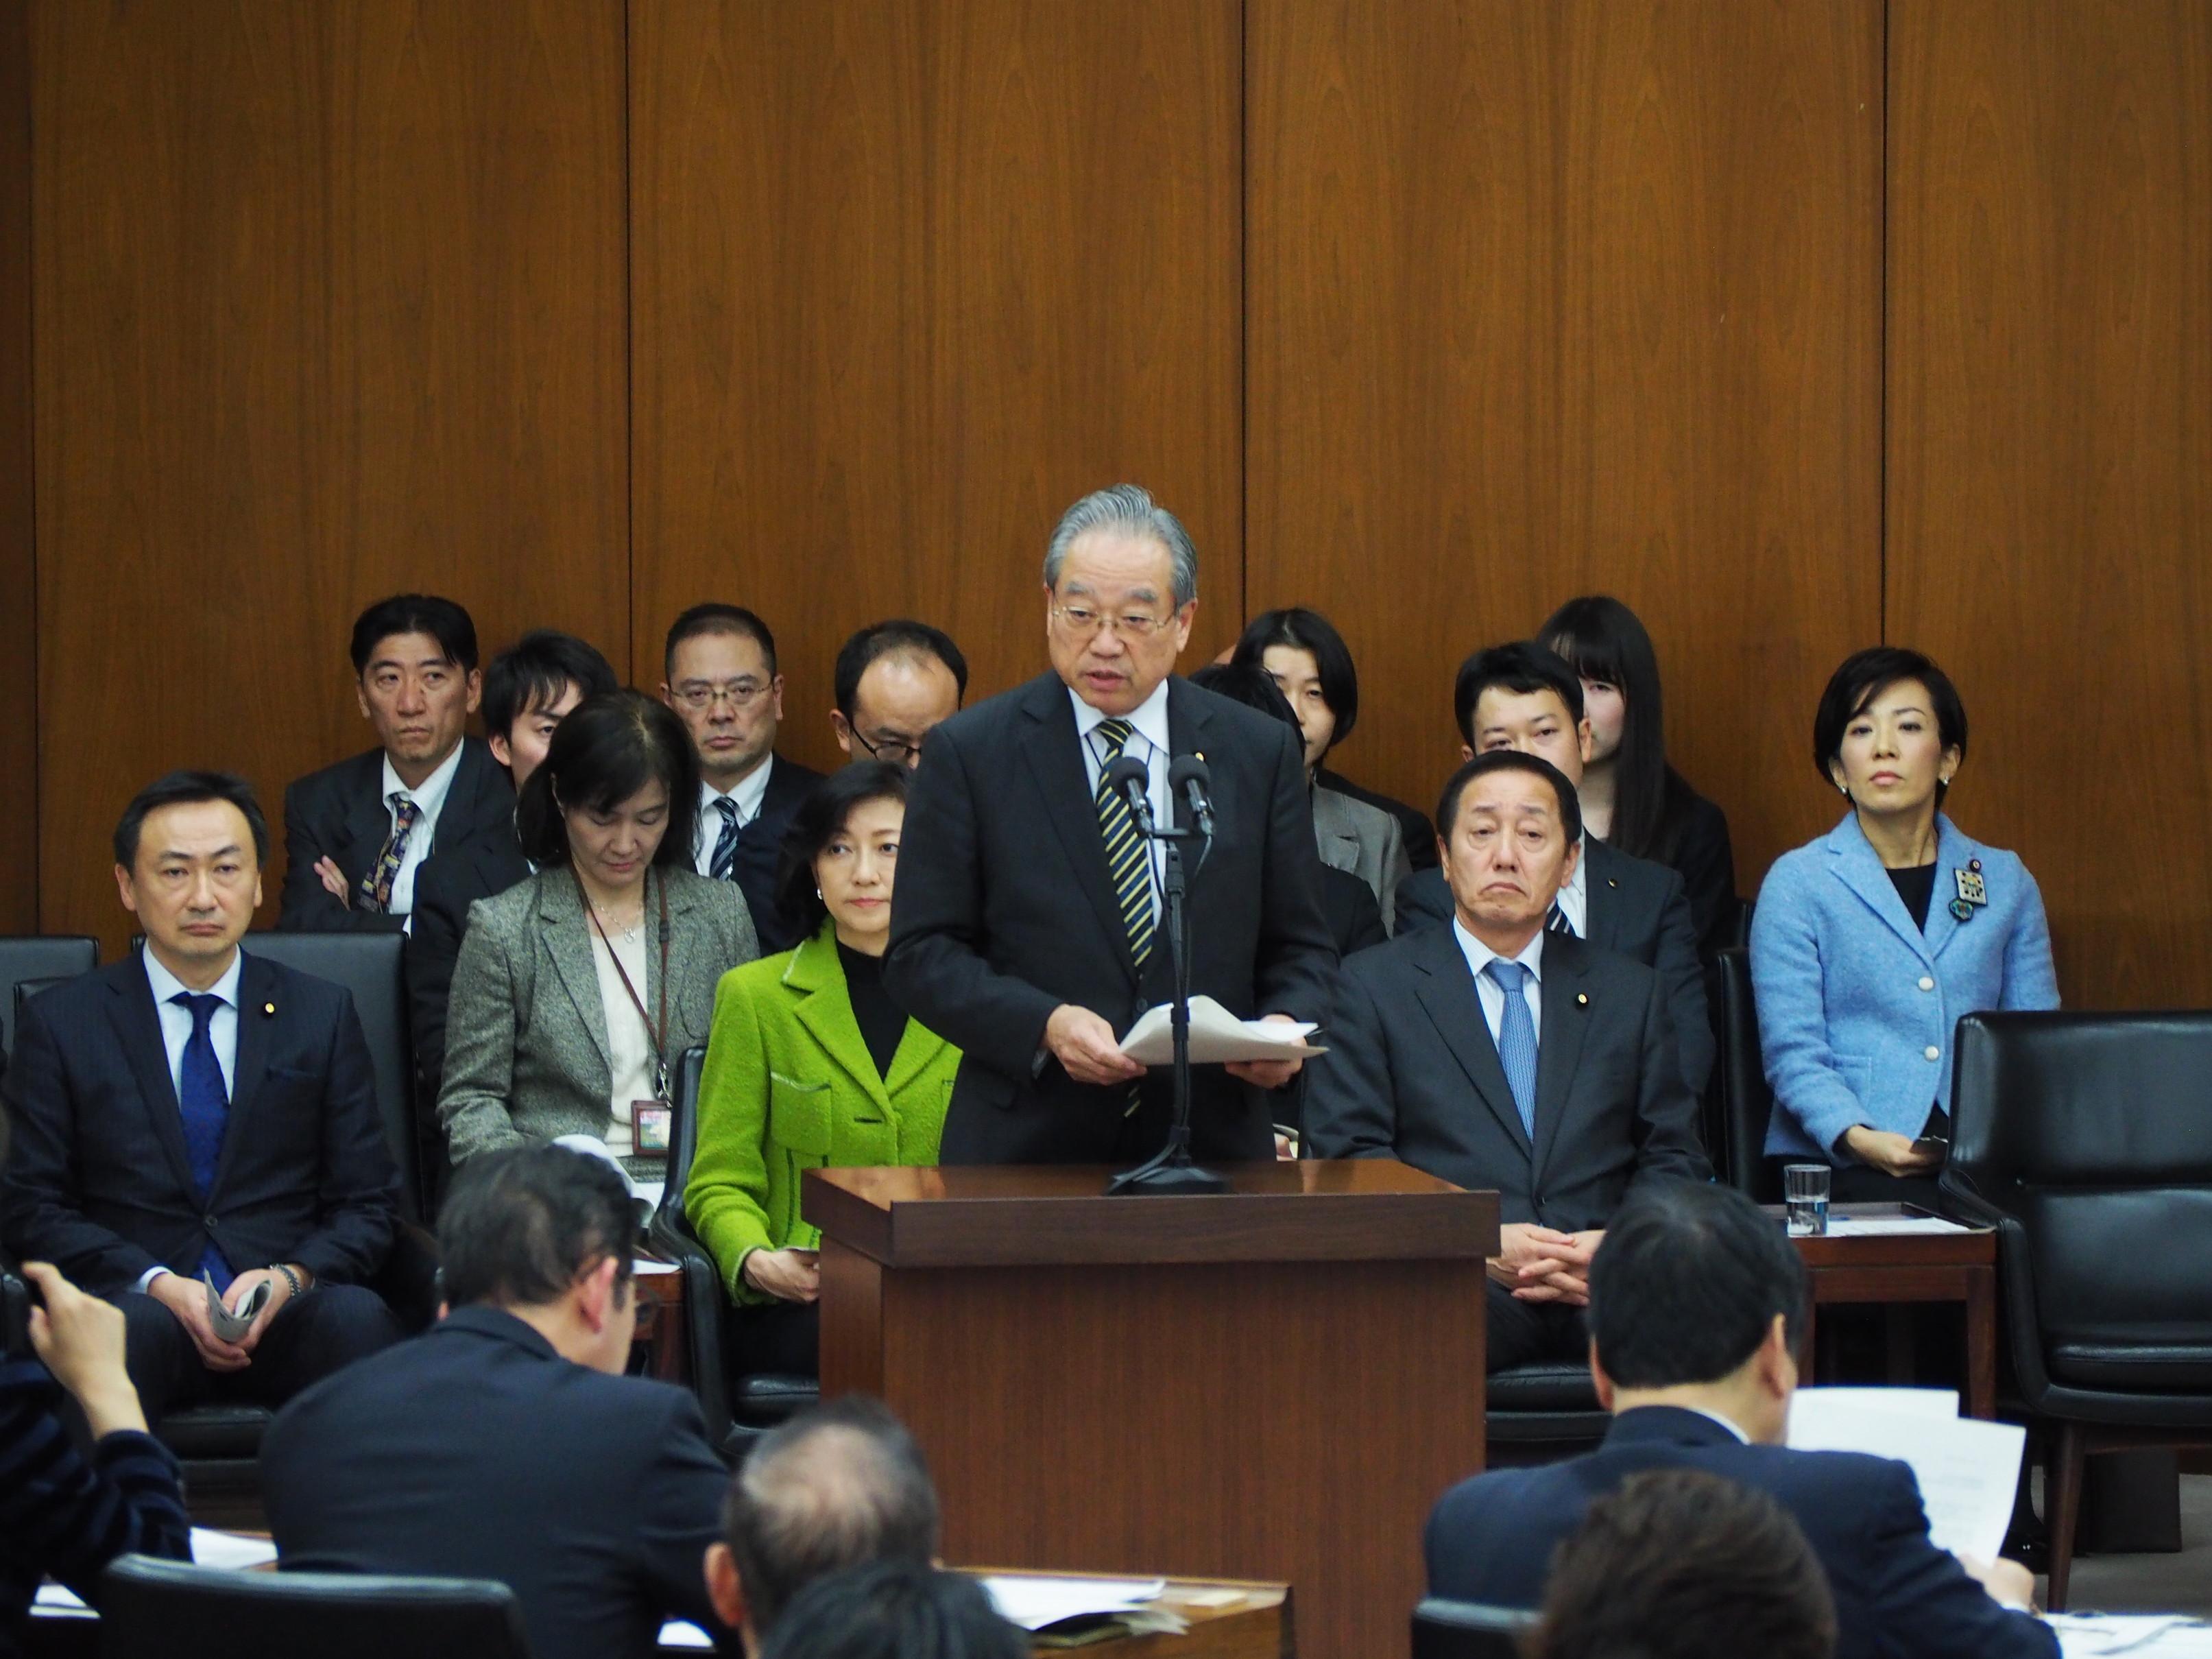 衆議院の厚生労働委員会に出席 | 羽生田たかし(はにゅうだ たかし ...